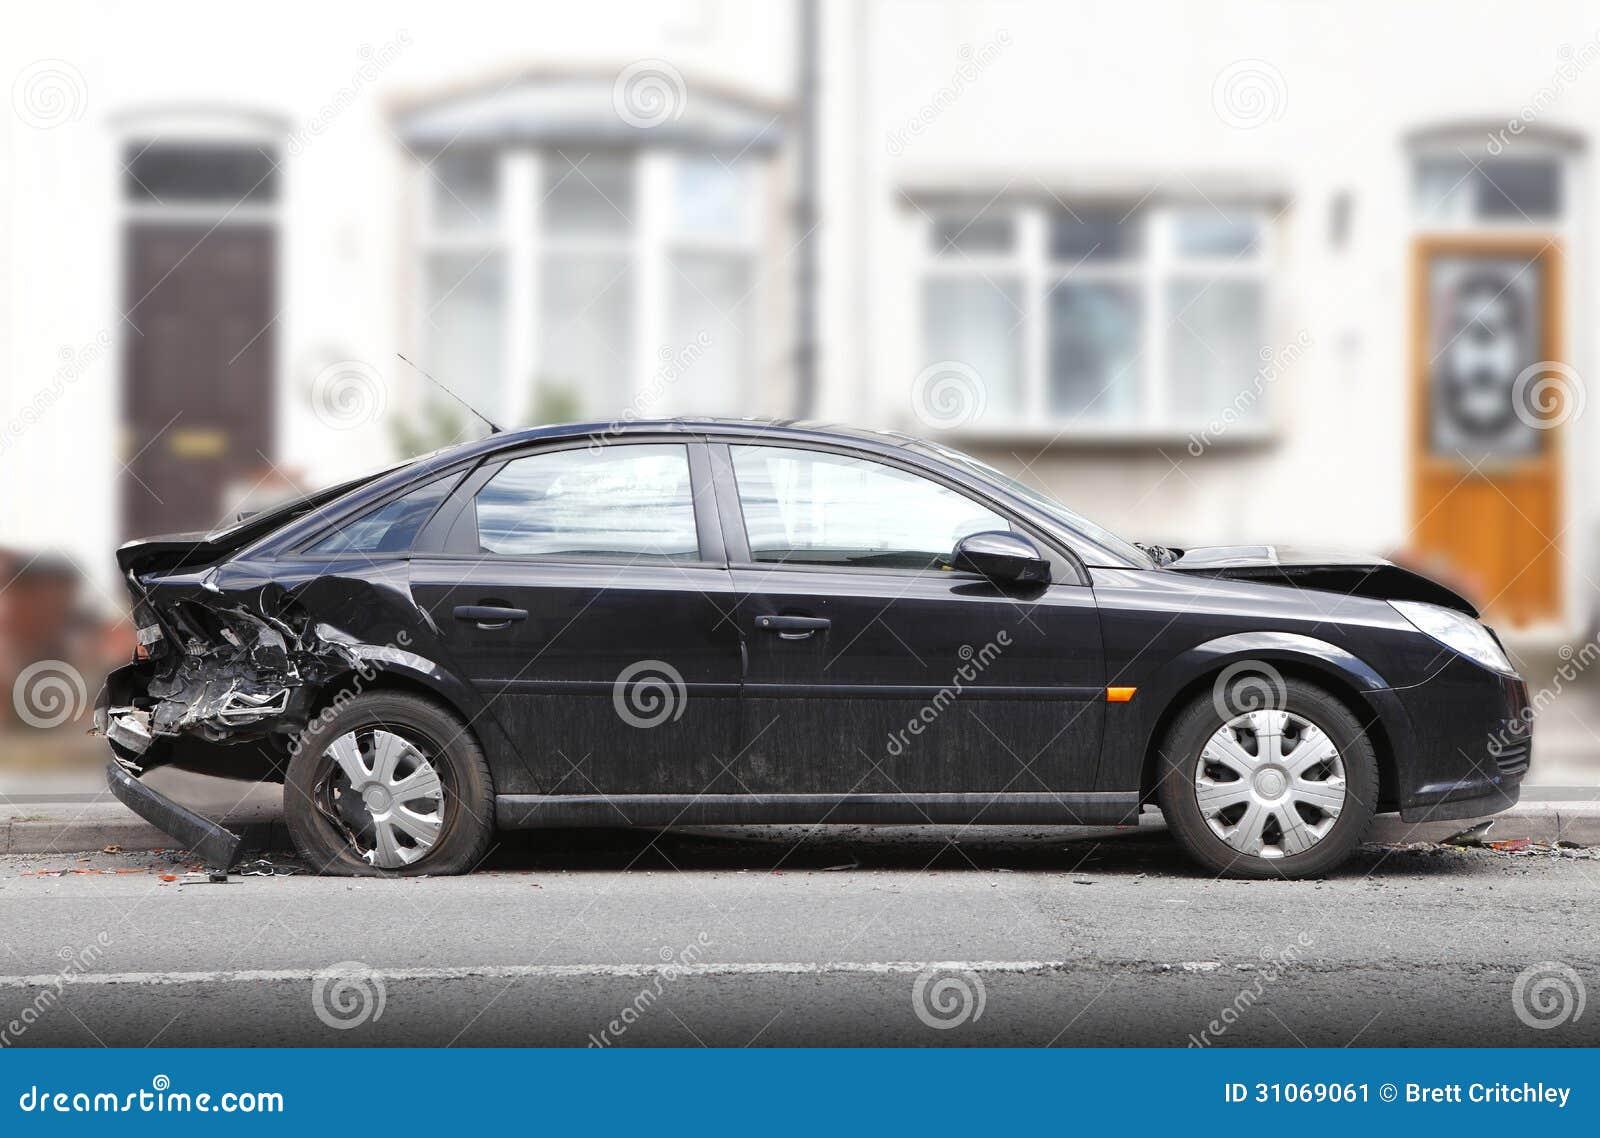 Повреждение автокатастрофы